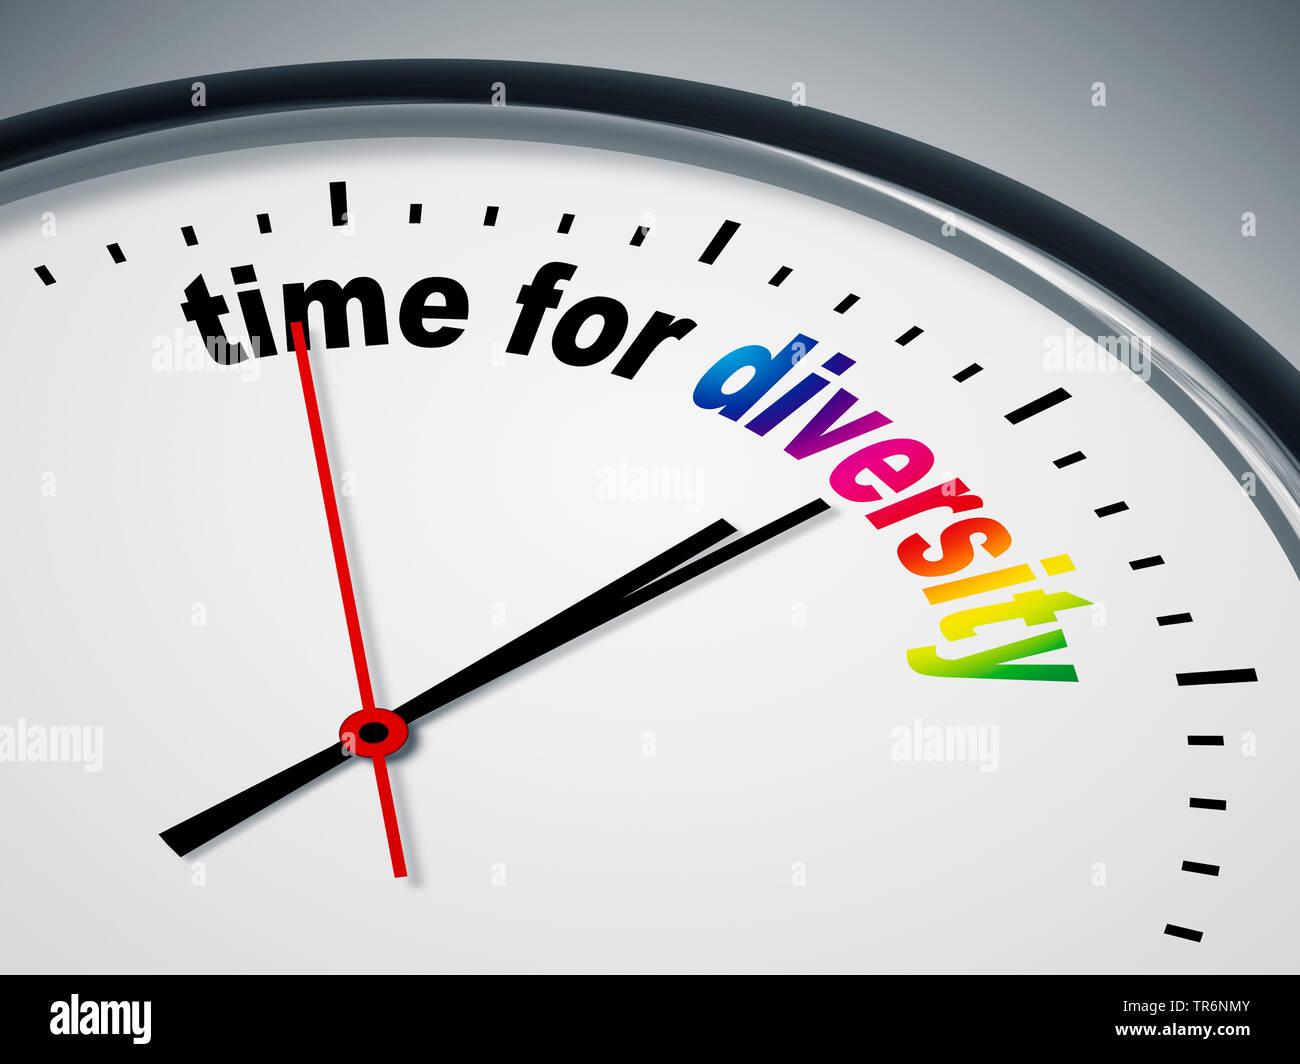 Ziffernblatt mit der englischen Aufschrift time for diversity, Zeit fuer Unterschiede, Vielfalt | clock face with inscription time for diversity | BLW - Stock Image